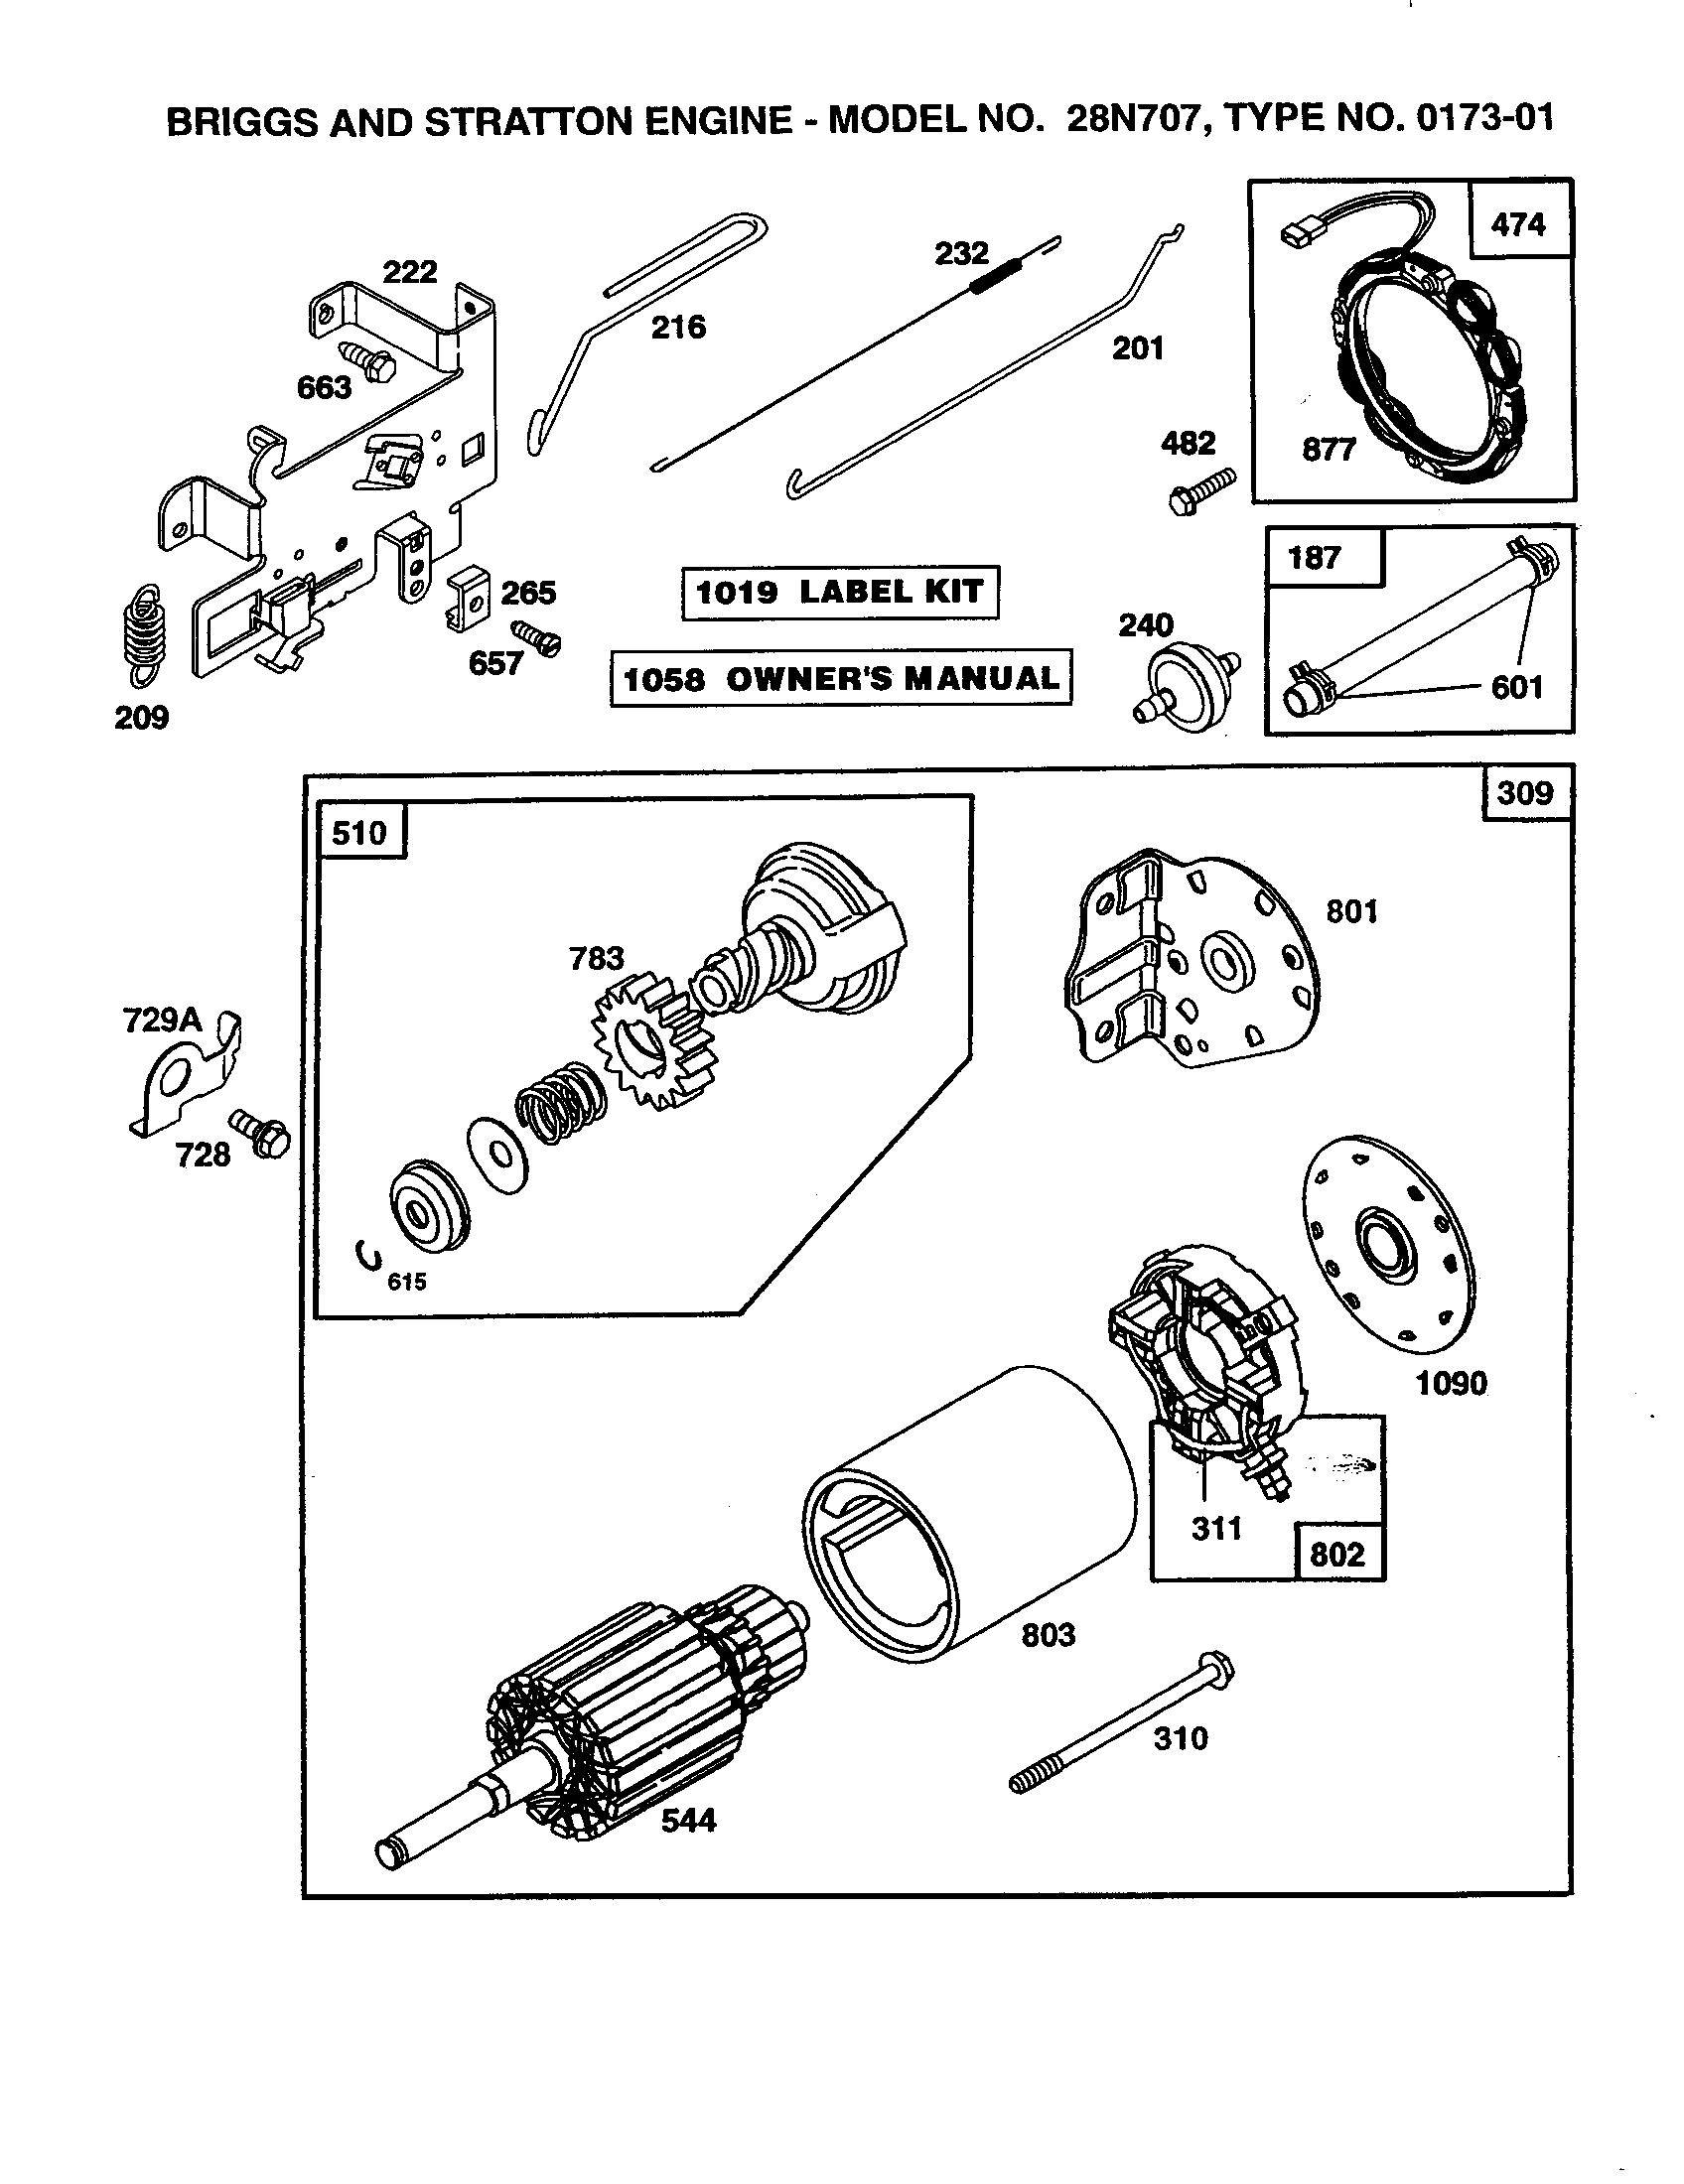 Briggs-Stratton model 28N707-0173-01 engine genuine parts